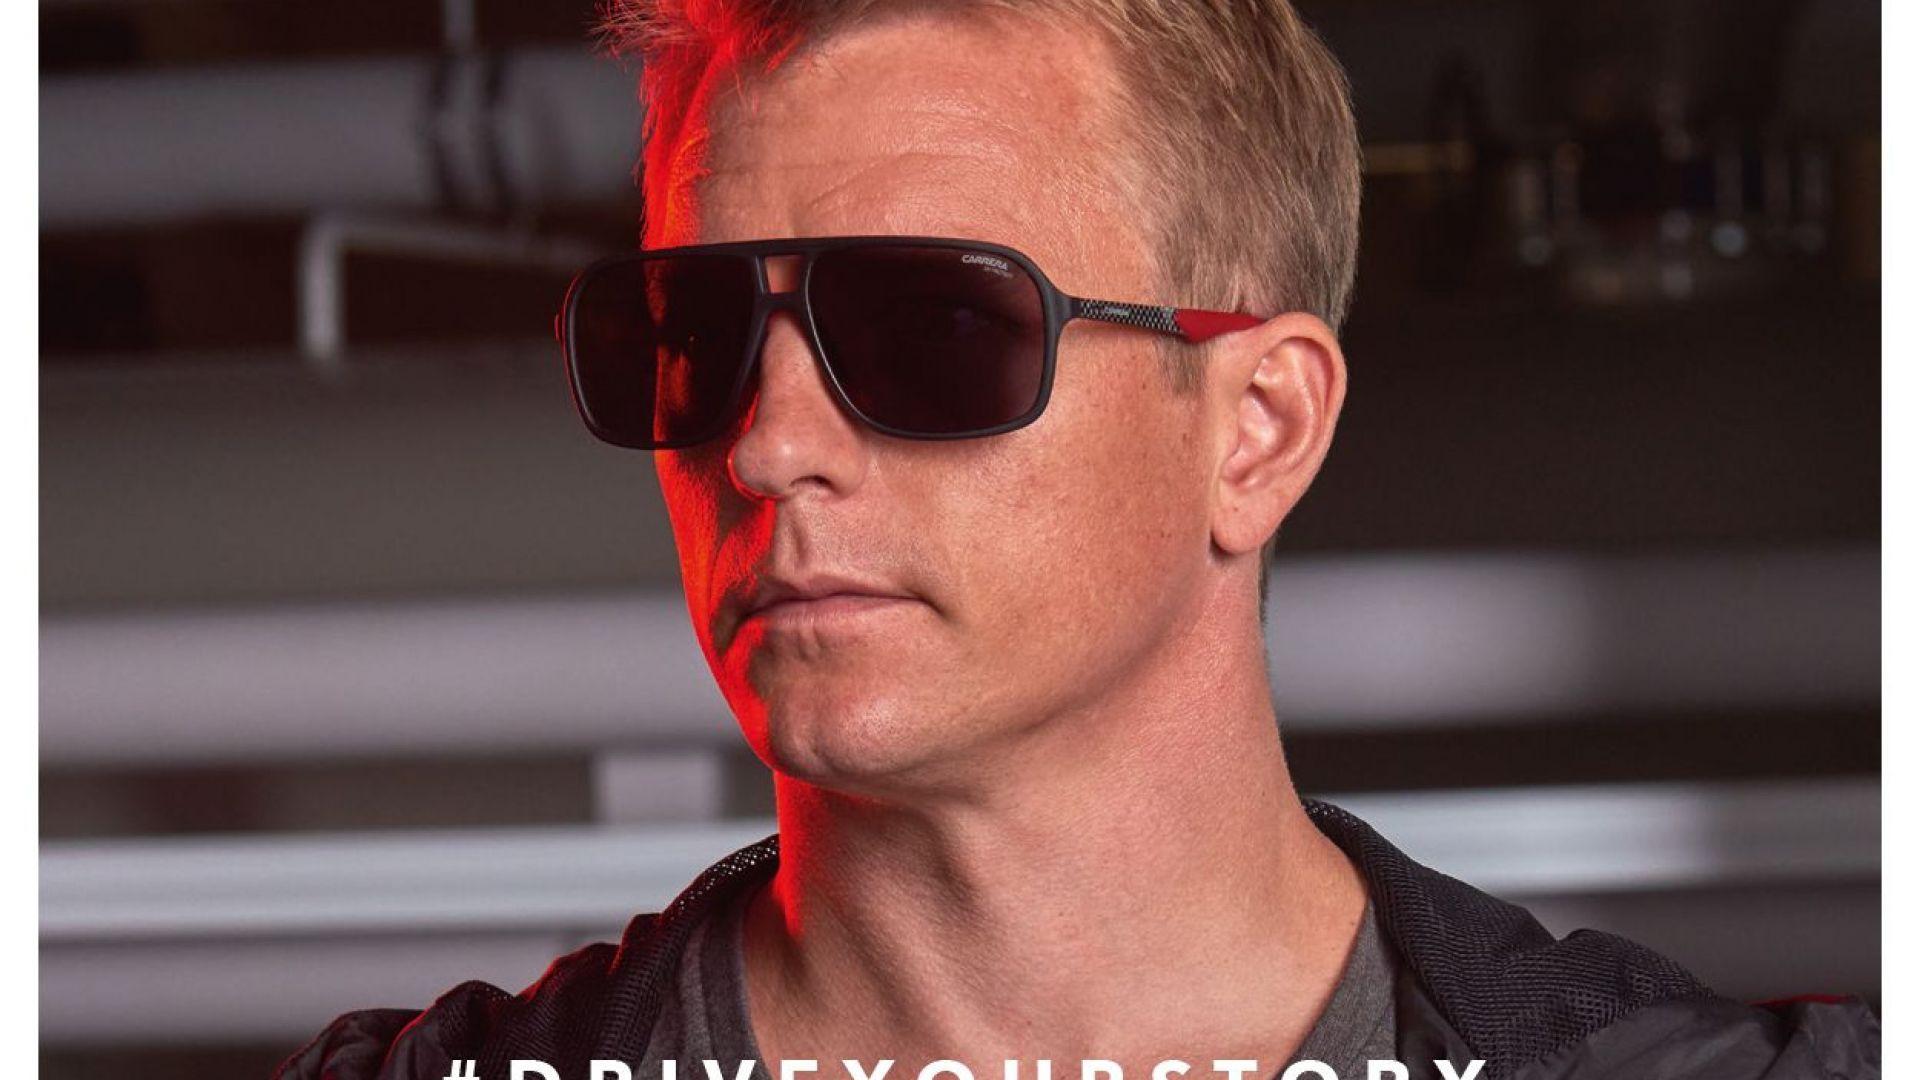 Очилата Carrera: #driveyourstory или за дръзкия начин на живот и вдъхновението да се осмелиш